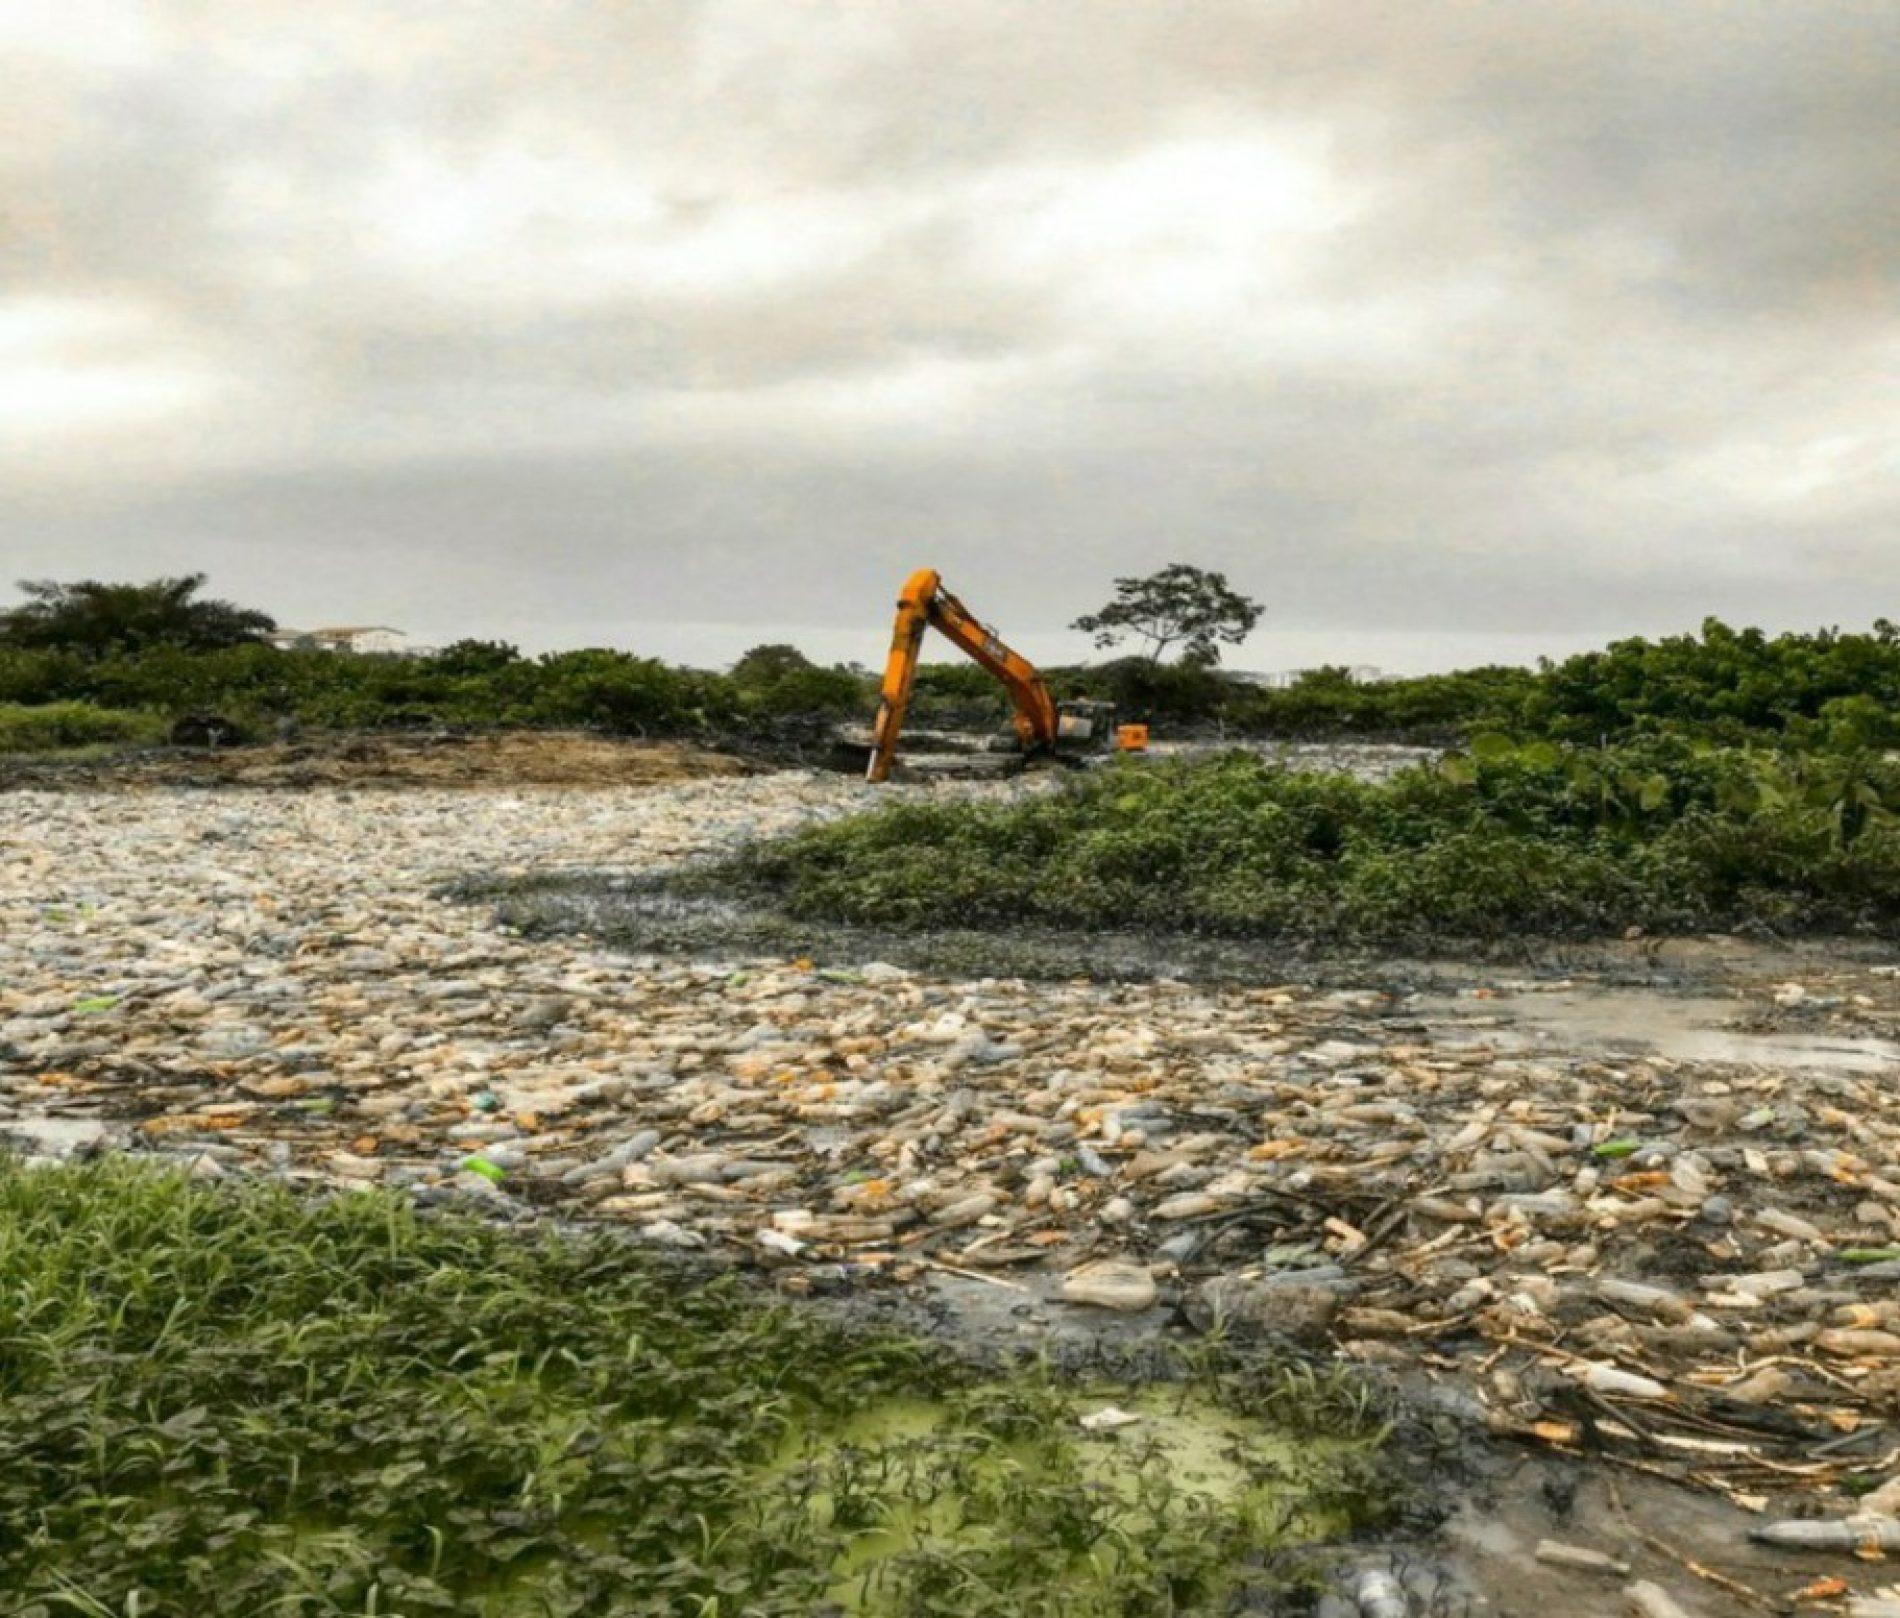 JMH 2019 – Gestion des déchets plastiques : 600 000 tonnes de menaces